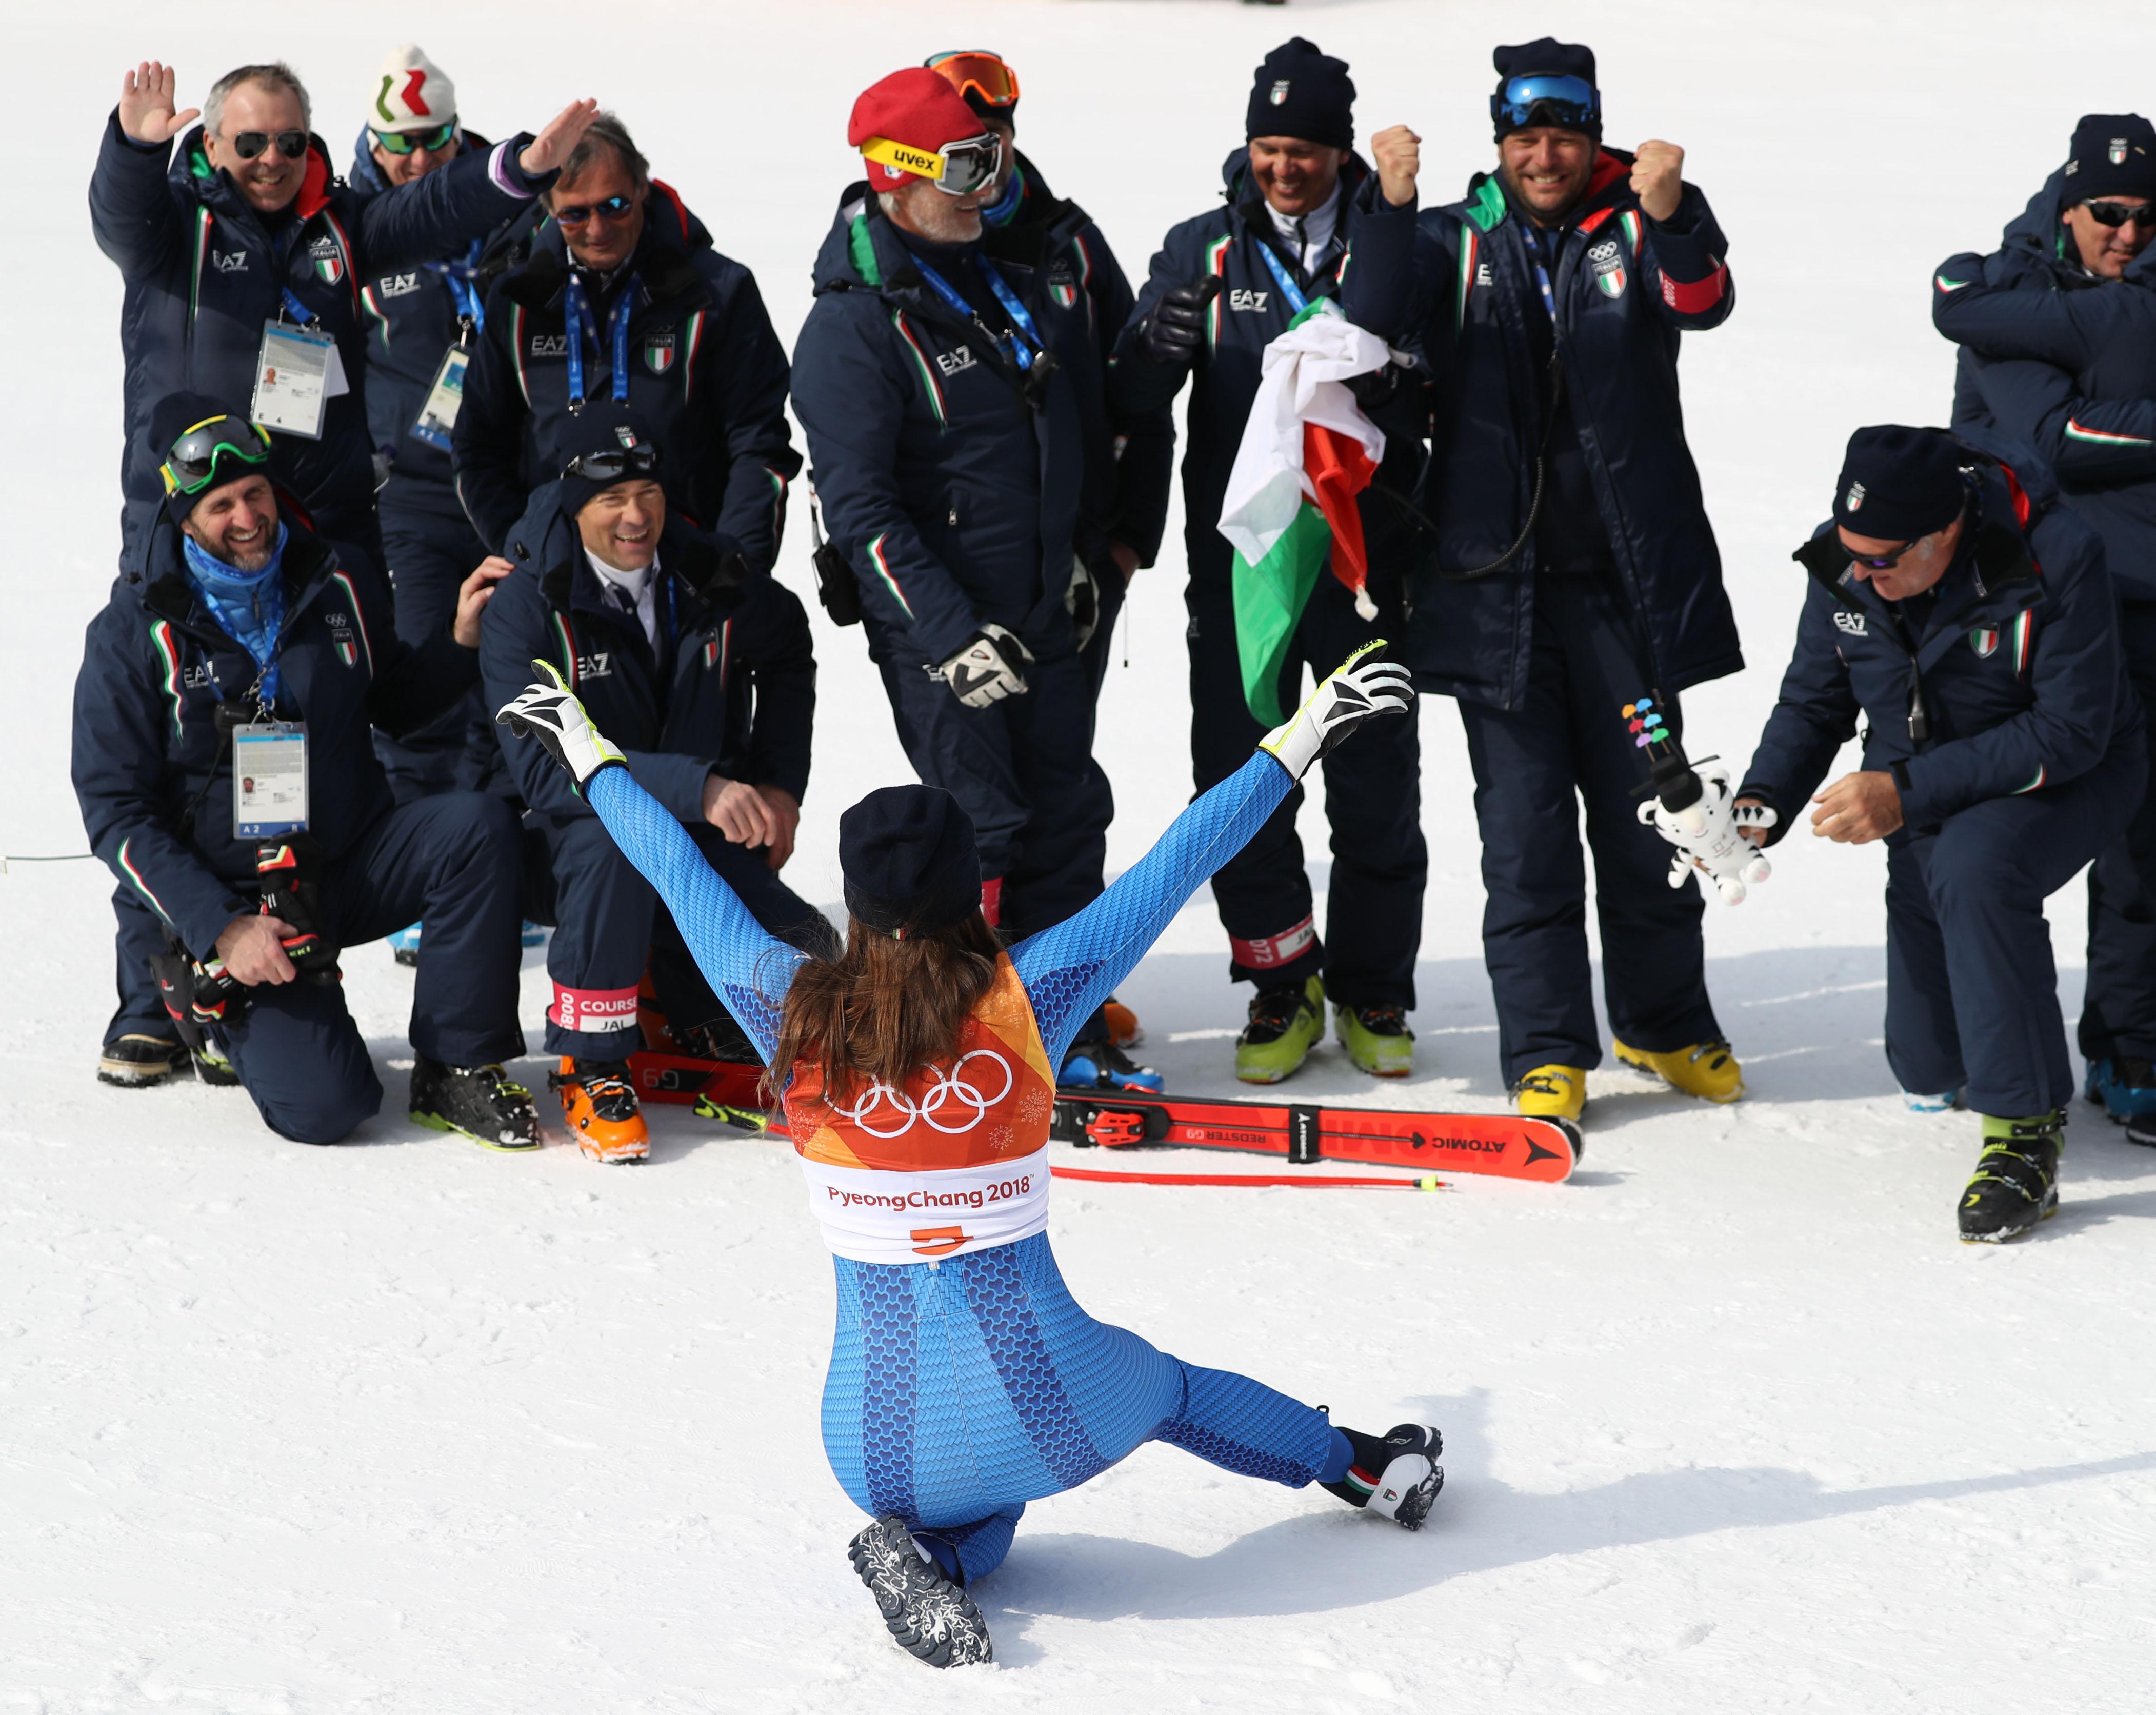 Le foto più belle della sciatrice Sofia Goggia, oro alle Olimpiadi / Image 19